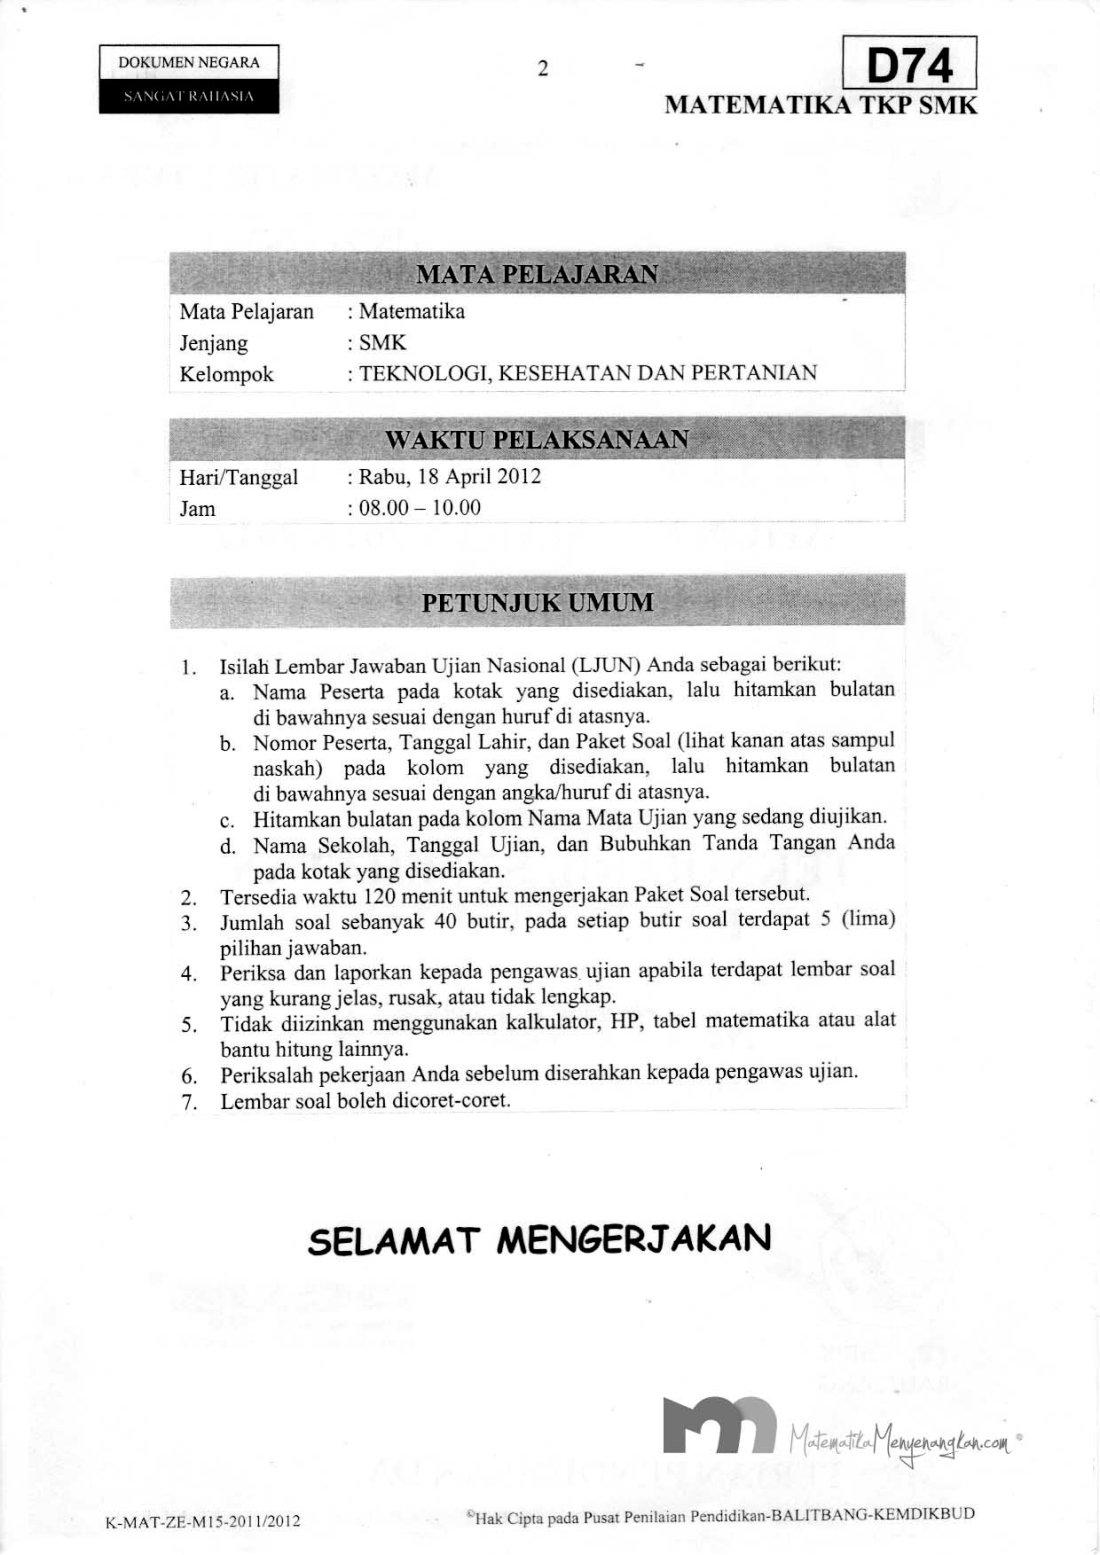 Soal Ujian Nasional SMK 2011/2012 SMK Matematika TKP - Halaman 2